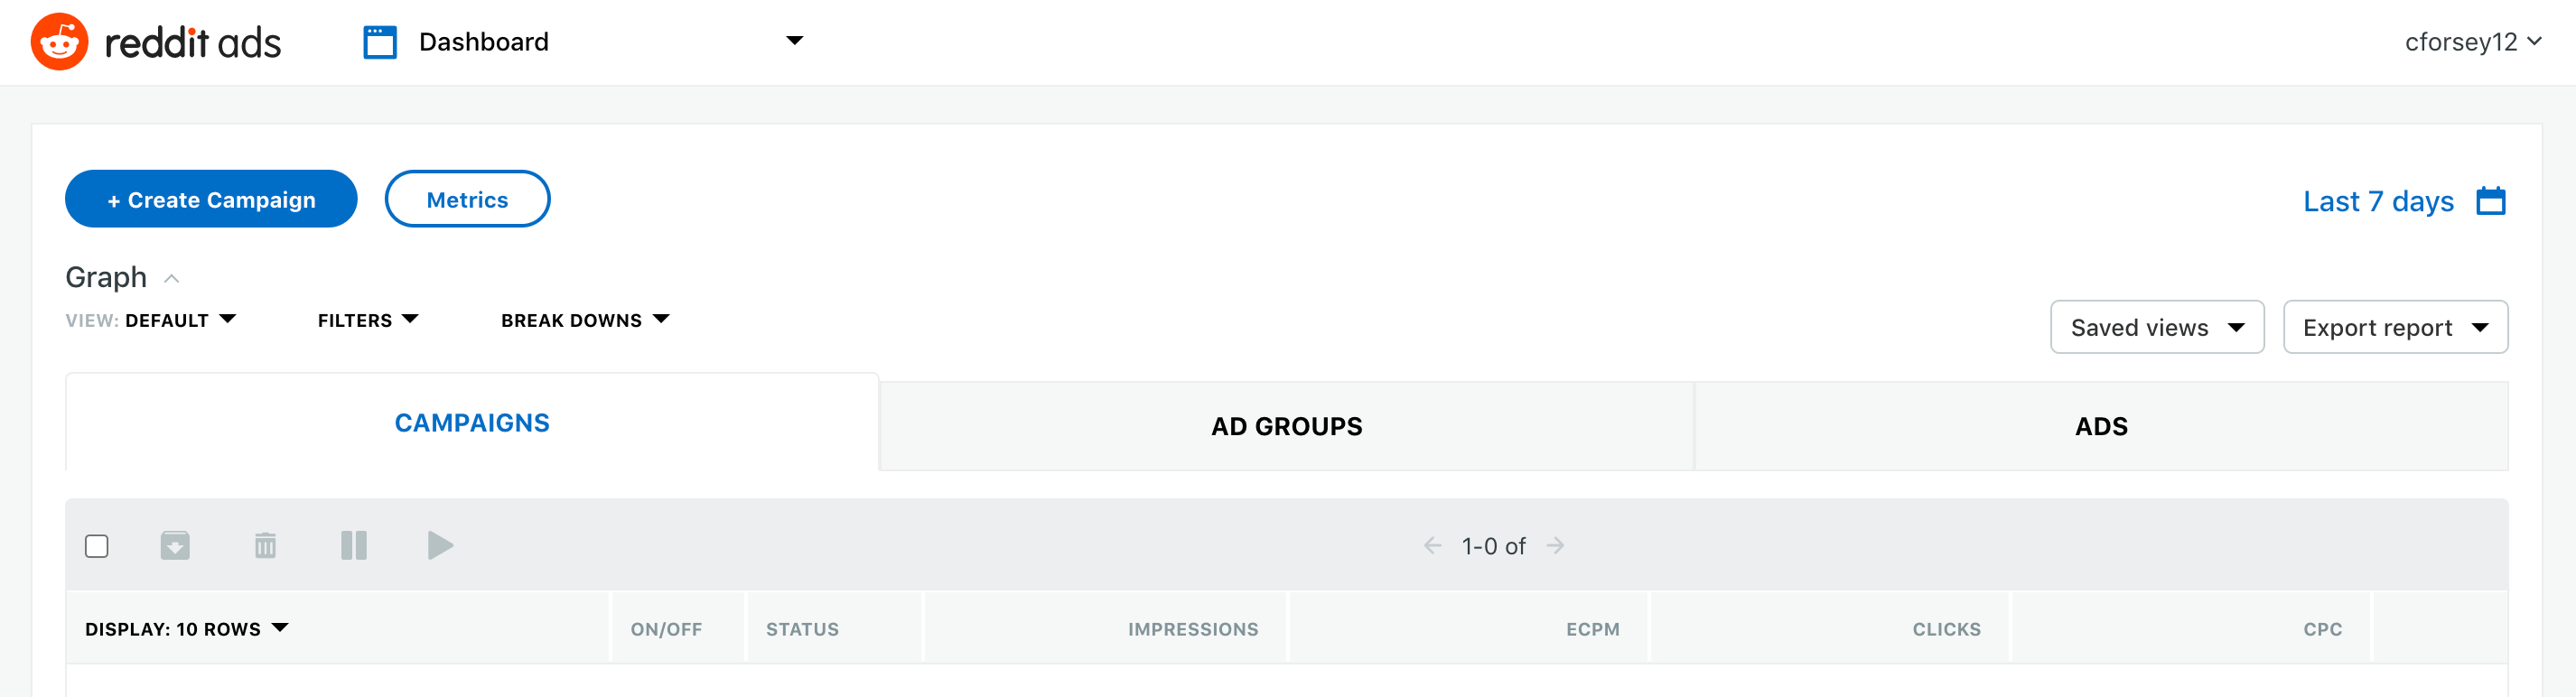 advertise-on-reddit-step-three